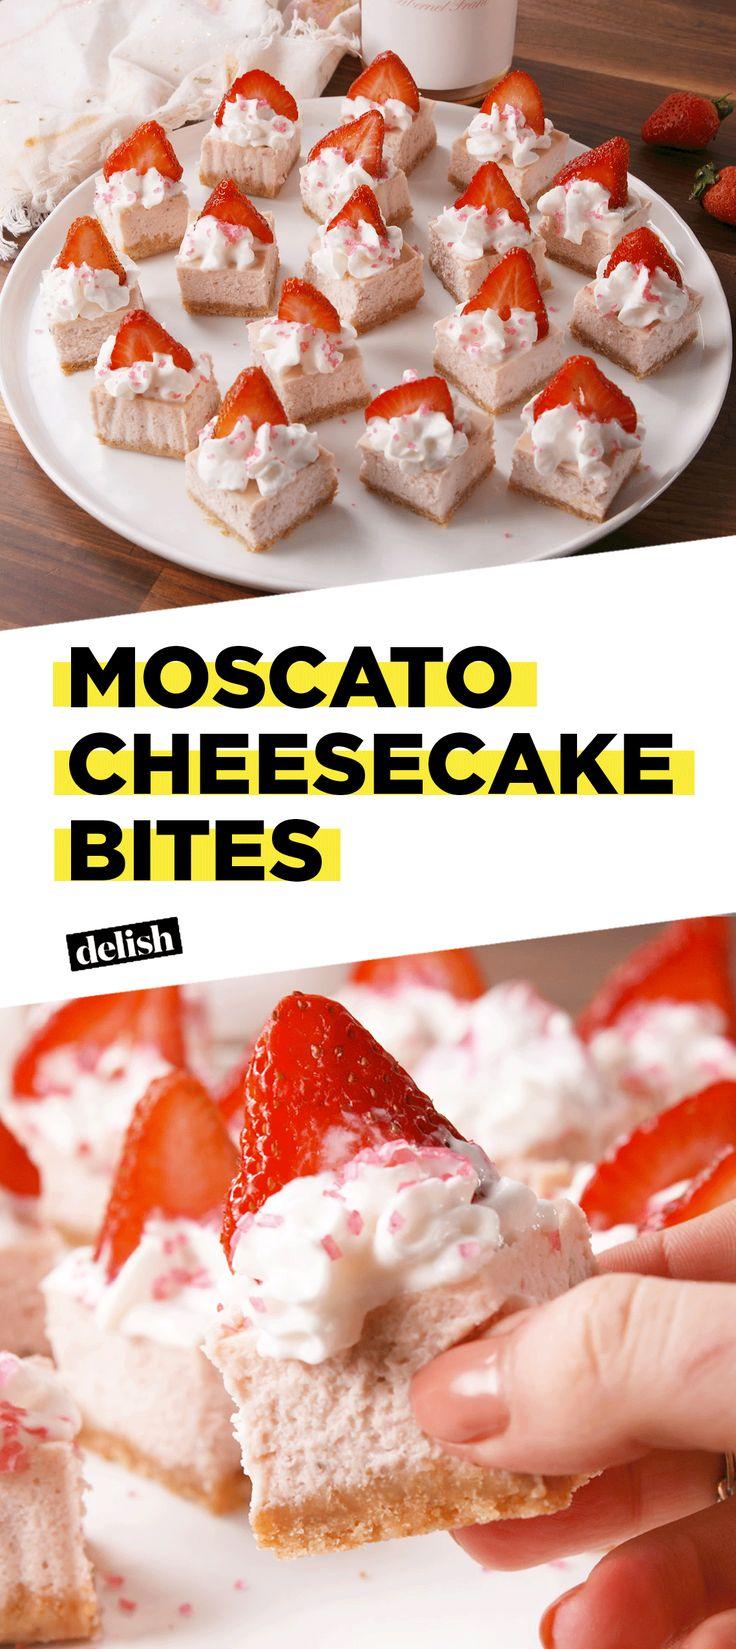 Moscato Cheesecake Bites